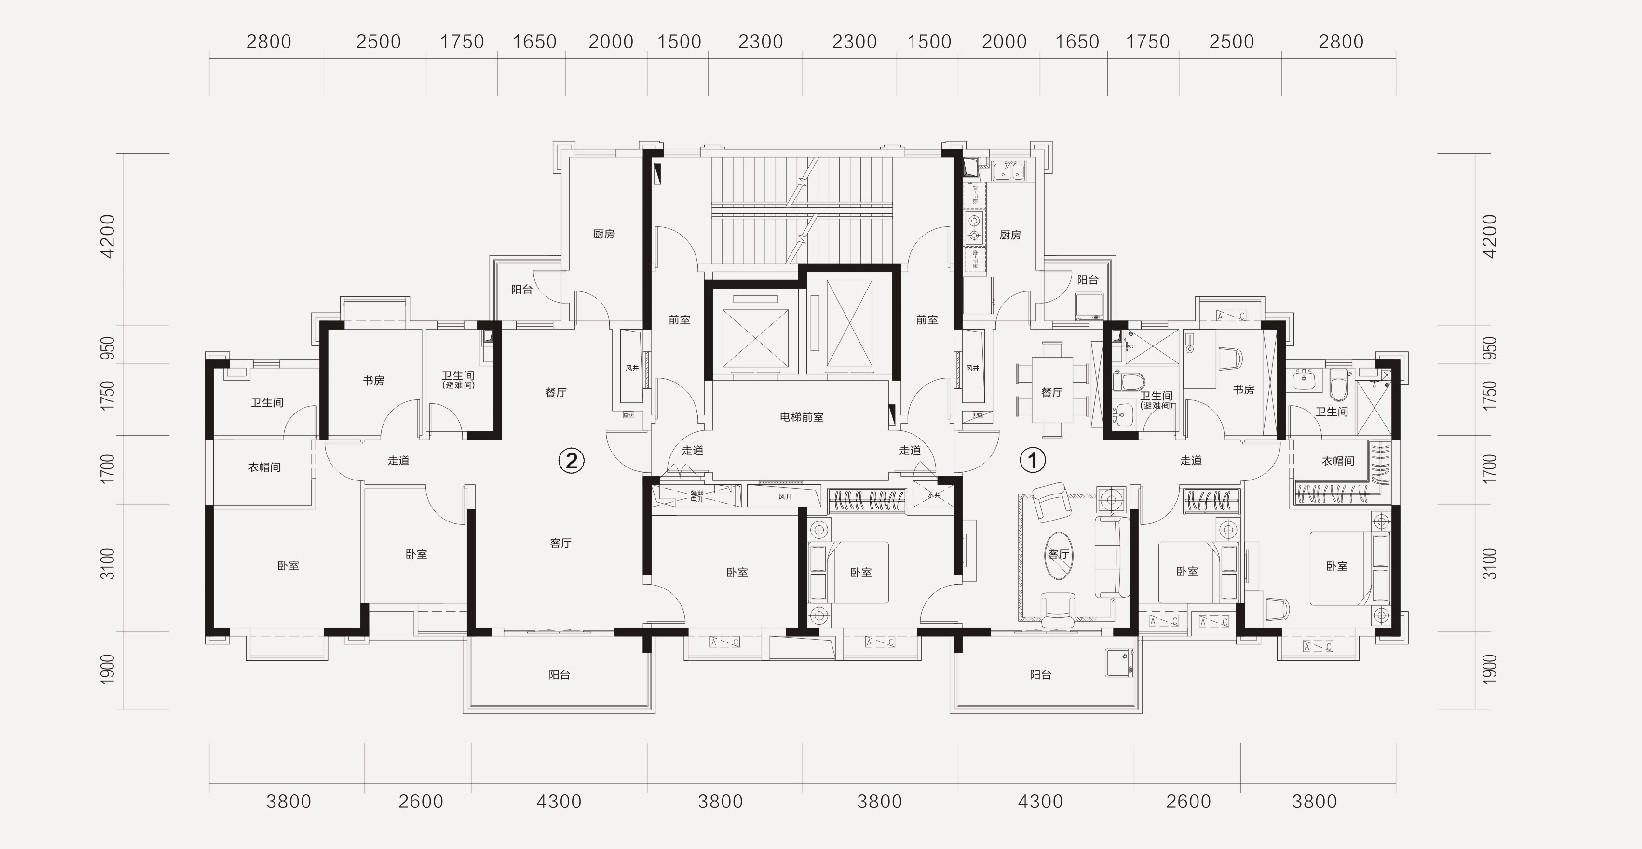 恒大林溪郡恒大林溪郡8-1#楼层面图-4室2厅户型图